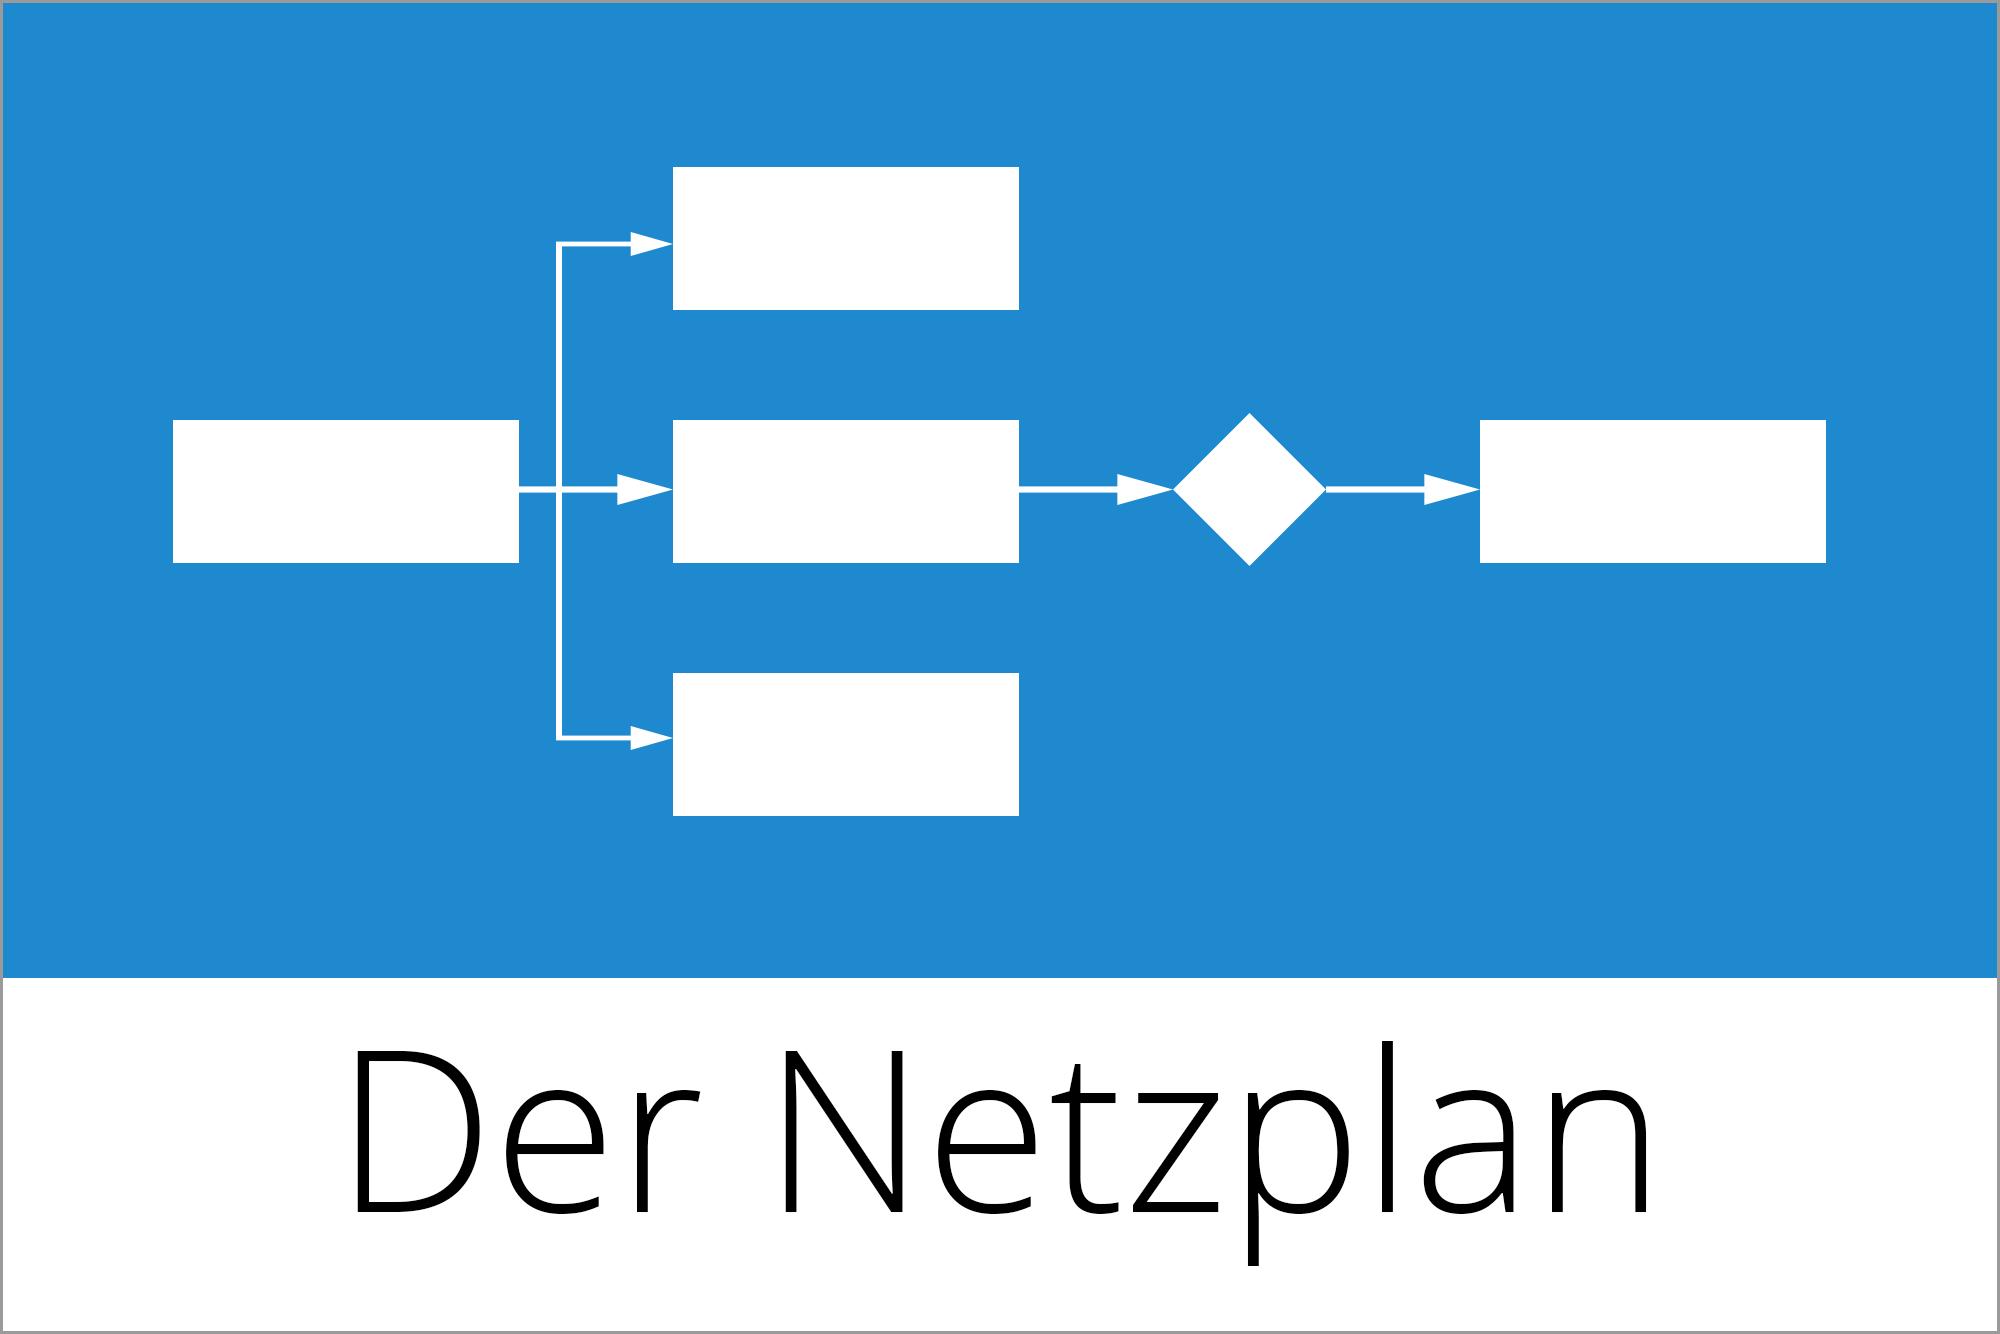 Einführung ins PM (10): Was ist ein Netzplan und wie funktioniert die Netzplantechnik?